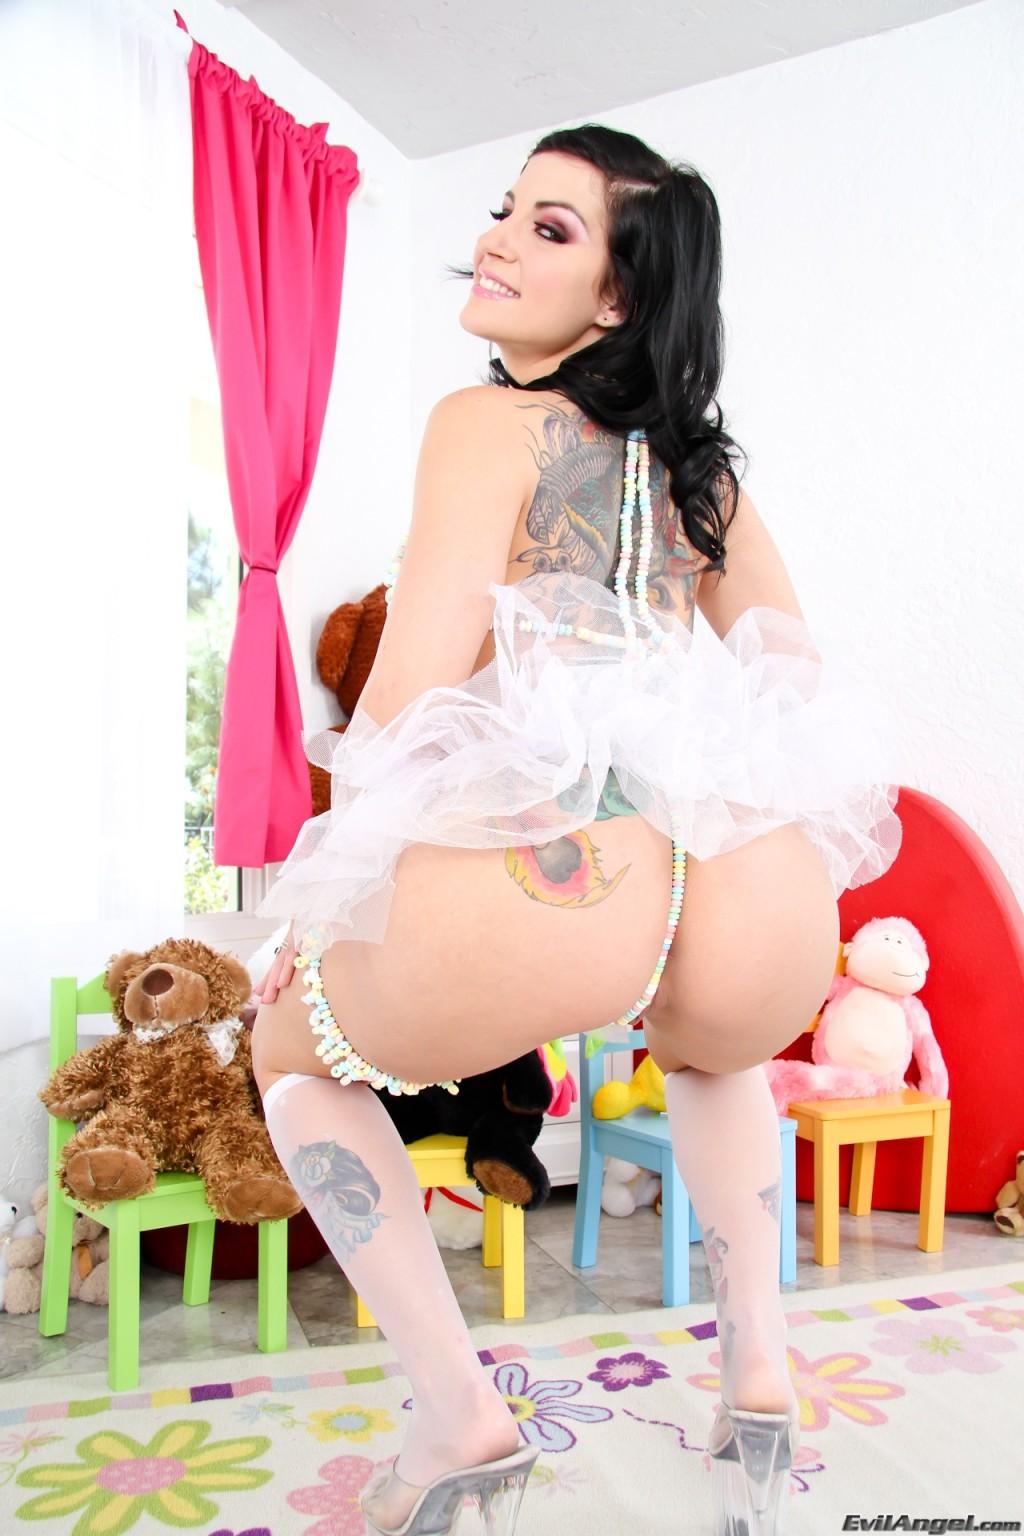 Tori Lux фото эротика и порно